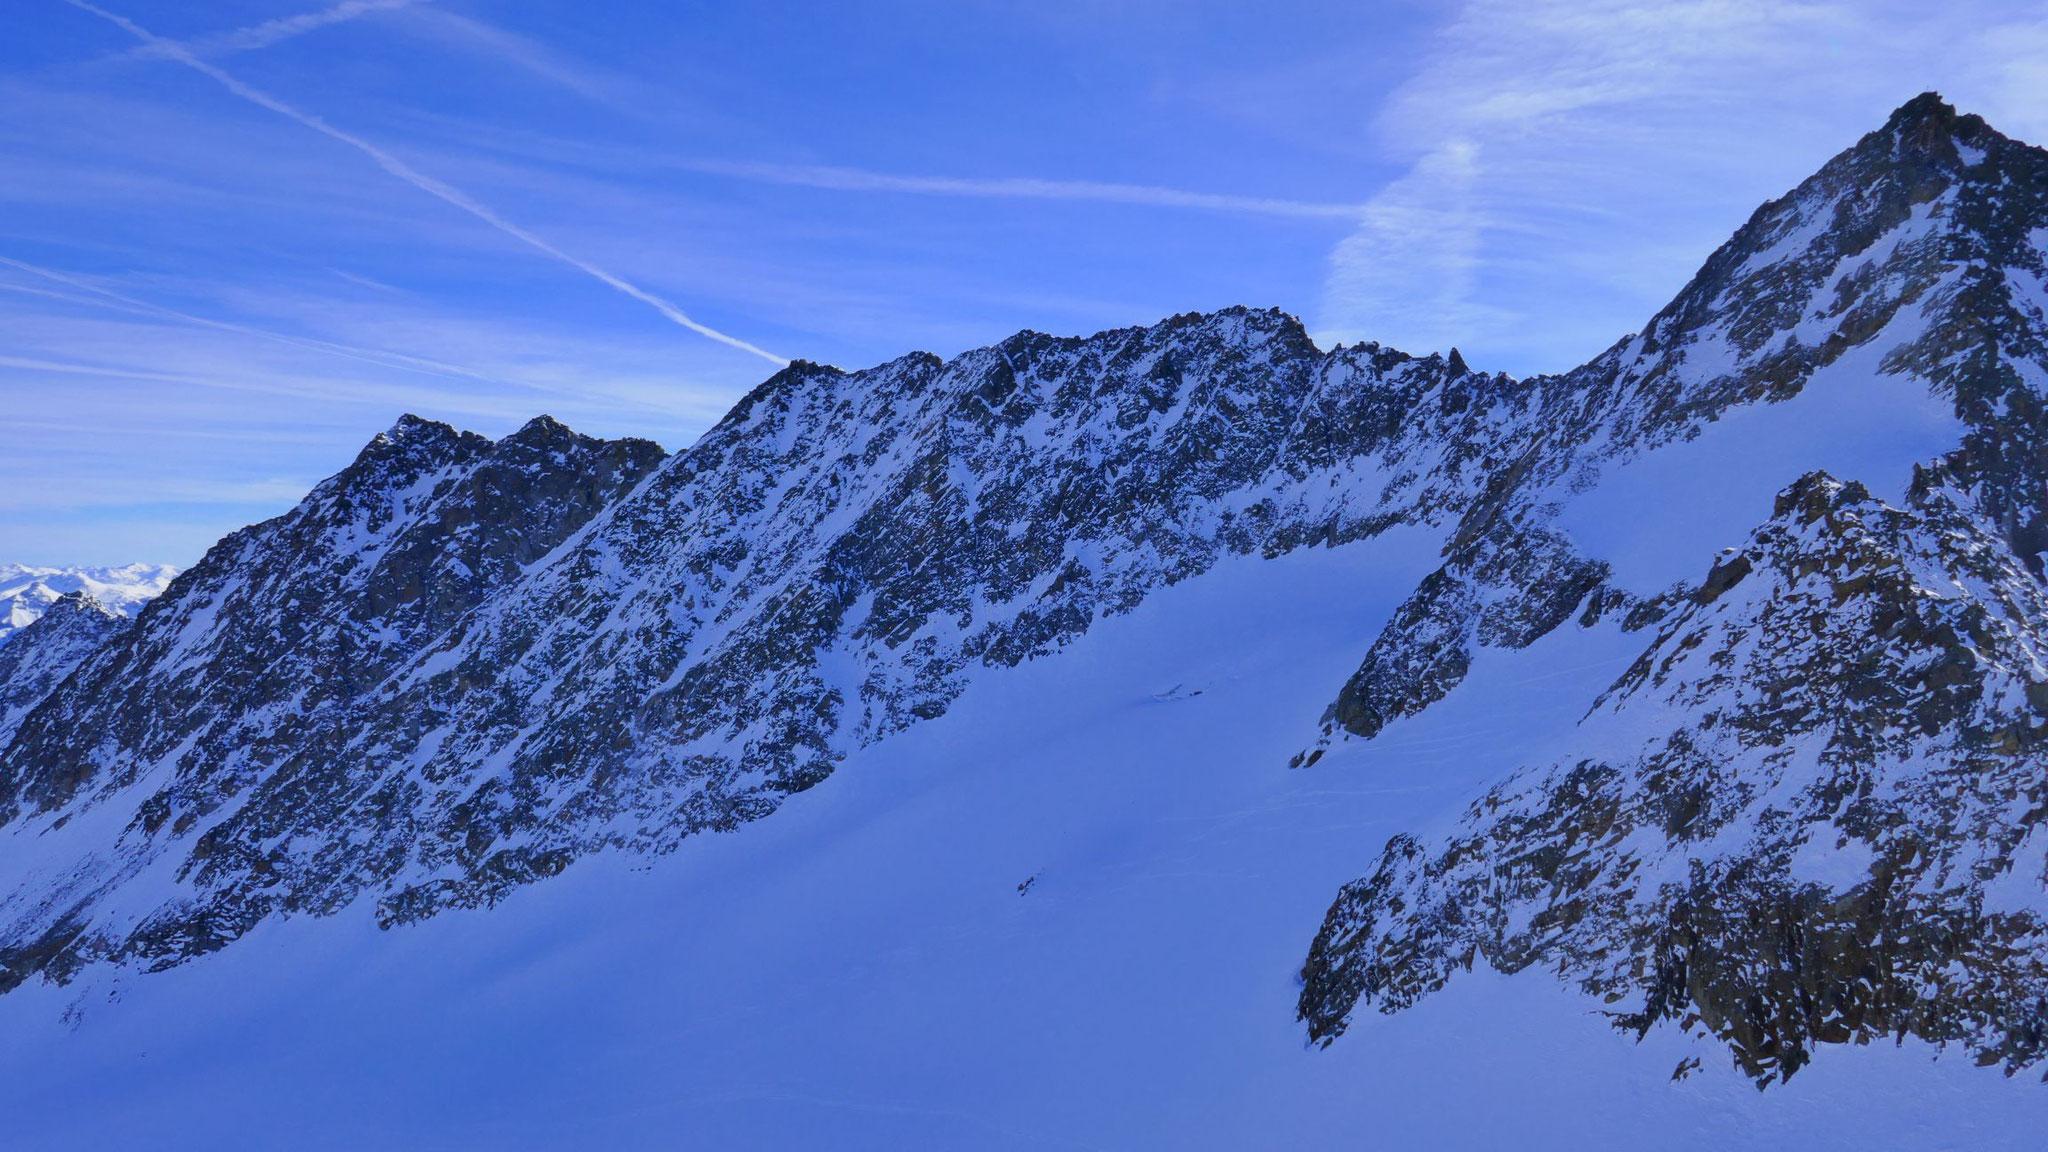 Alpeiner Knotenspitze und Nördliche/Mittlere Kräulspitze